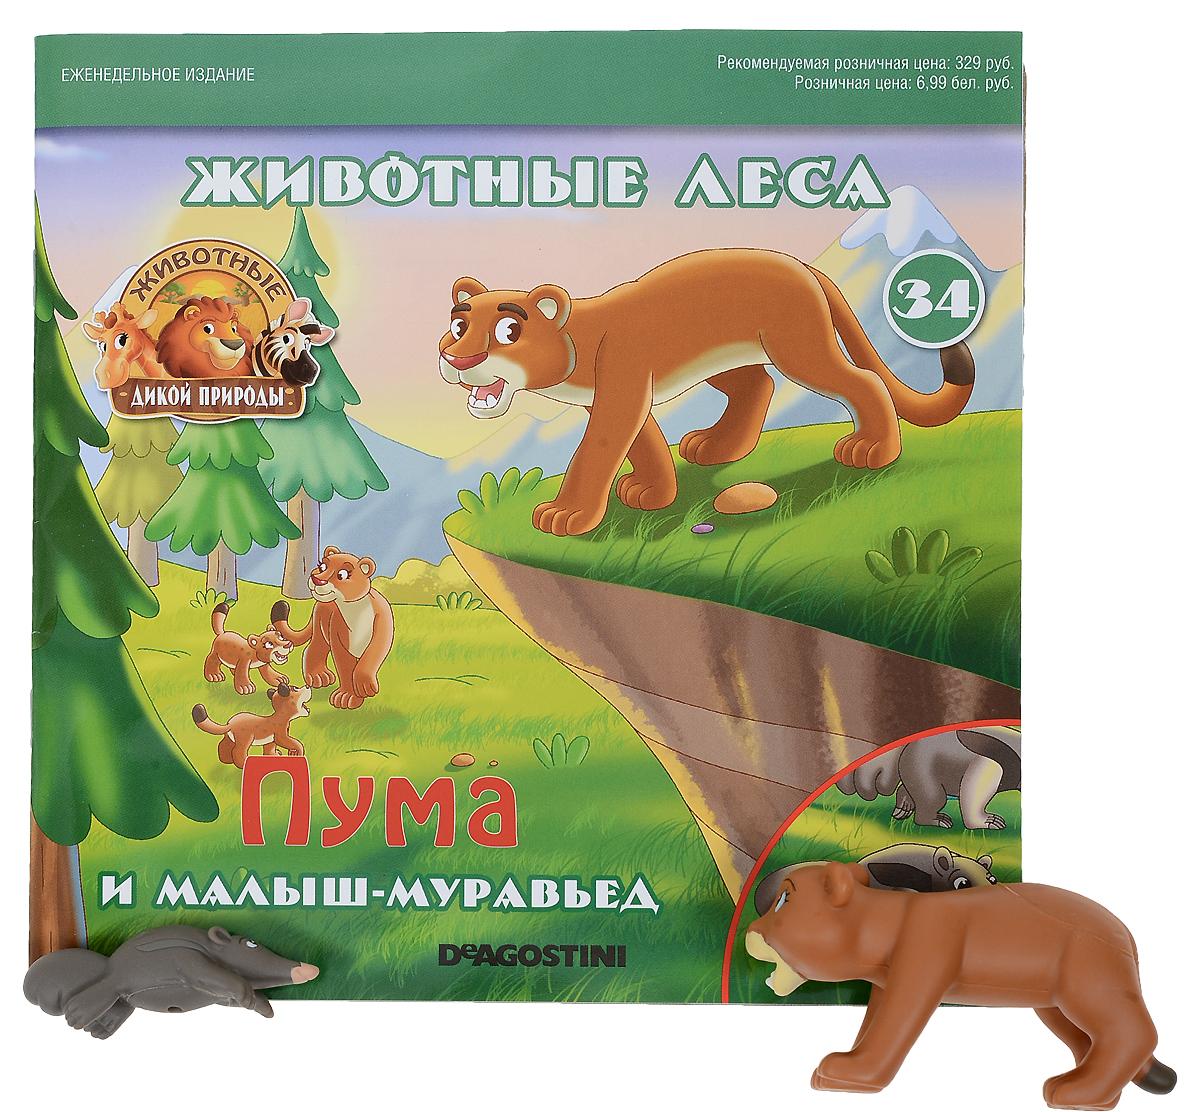 Журнал Животные дикой природы. Пума №34 трактор кейс 210 пума